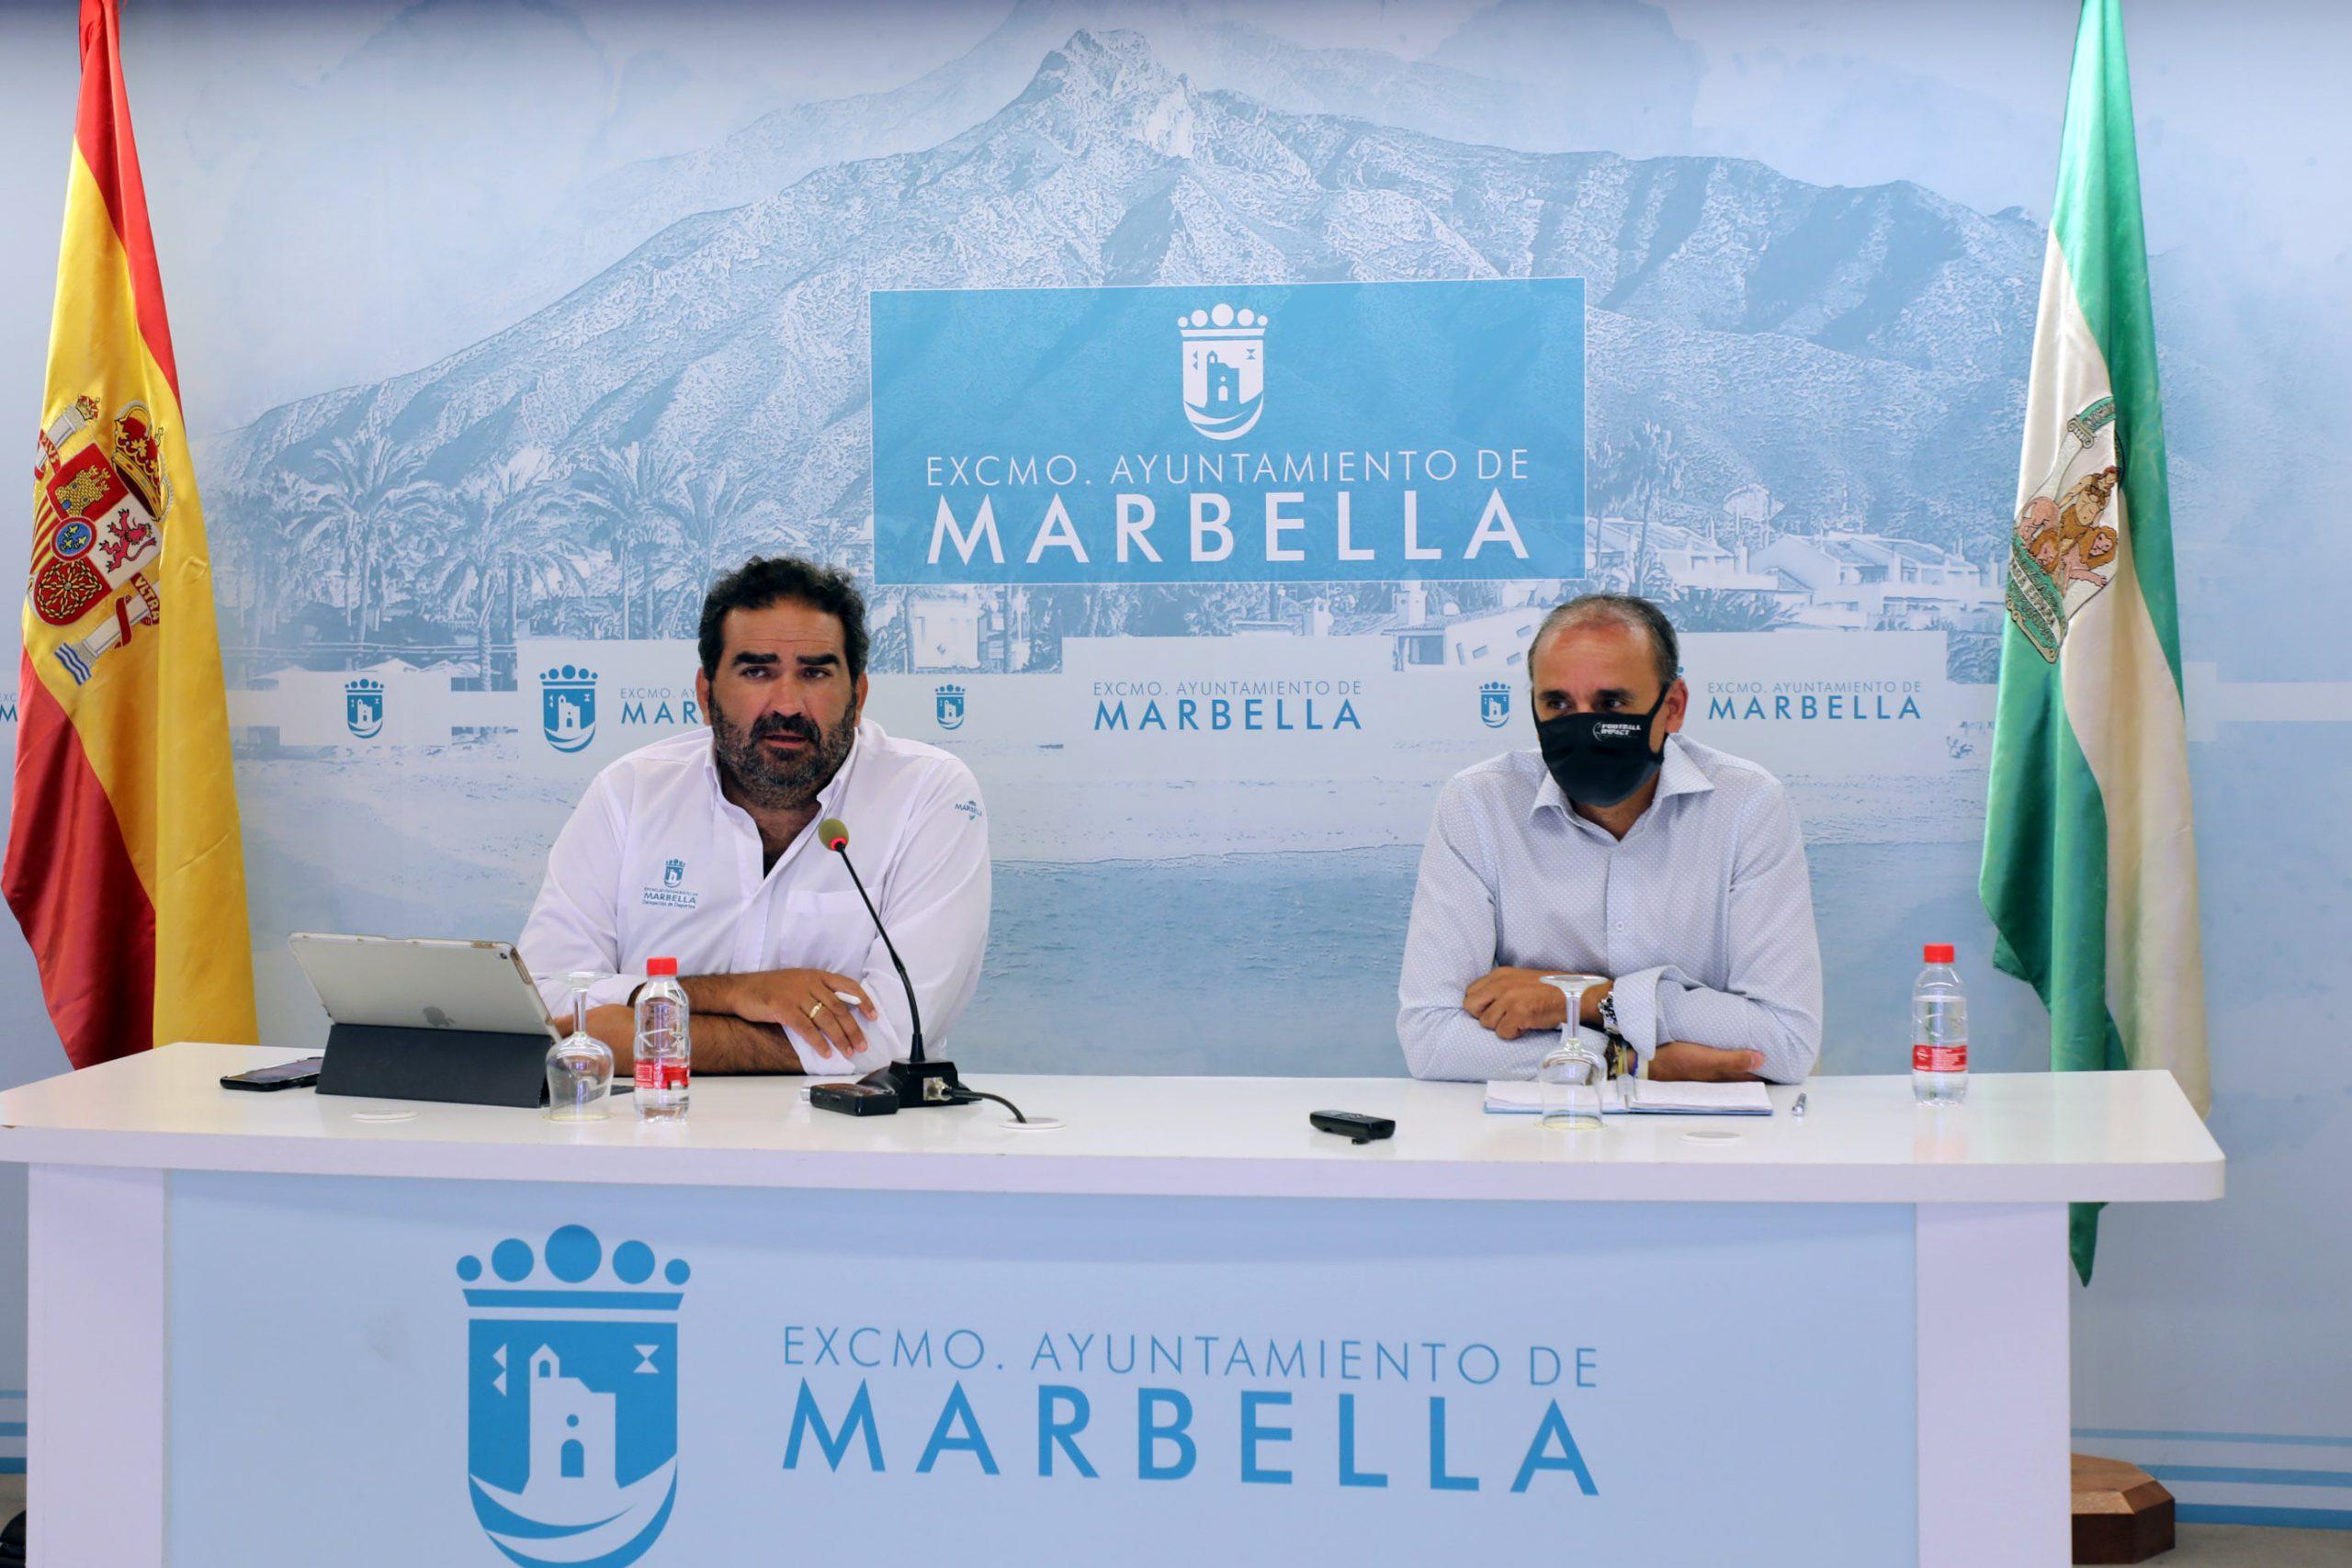 Gran repercusión publicitaria de los playoff de ascenso a Segunda División celebrados en Marbella